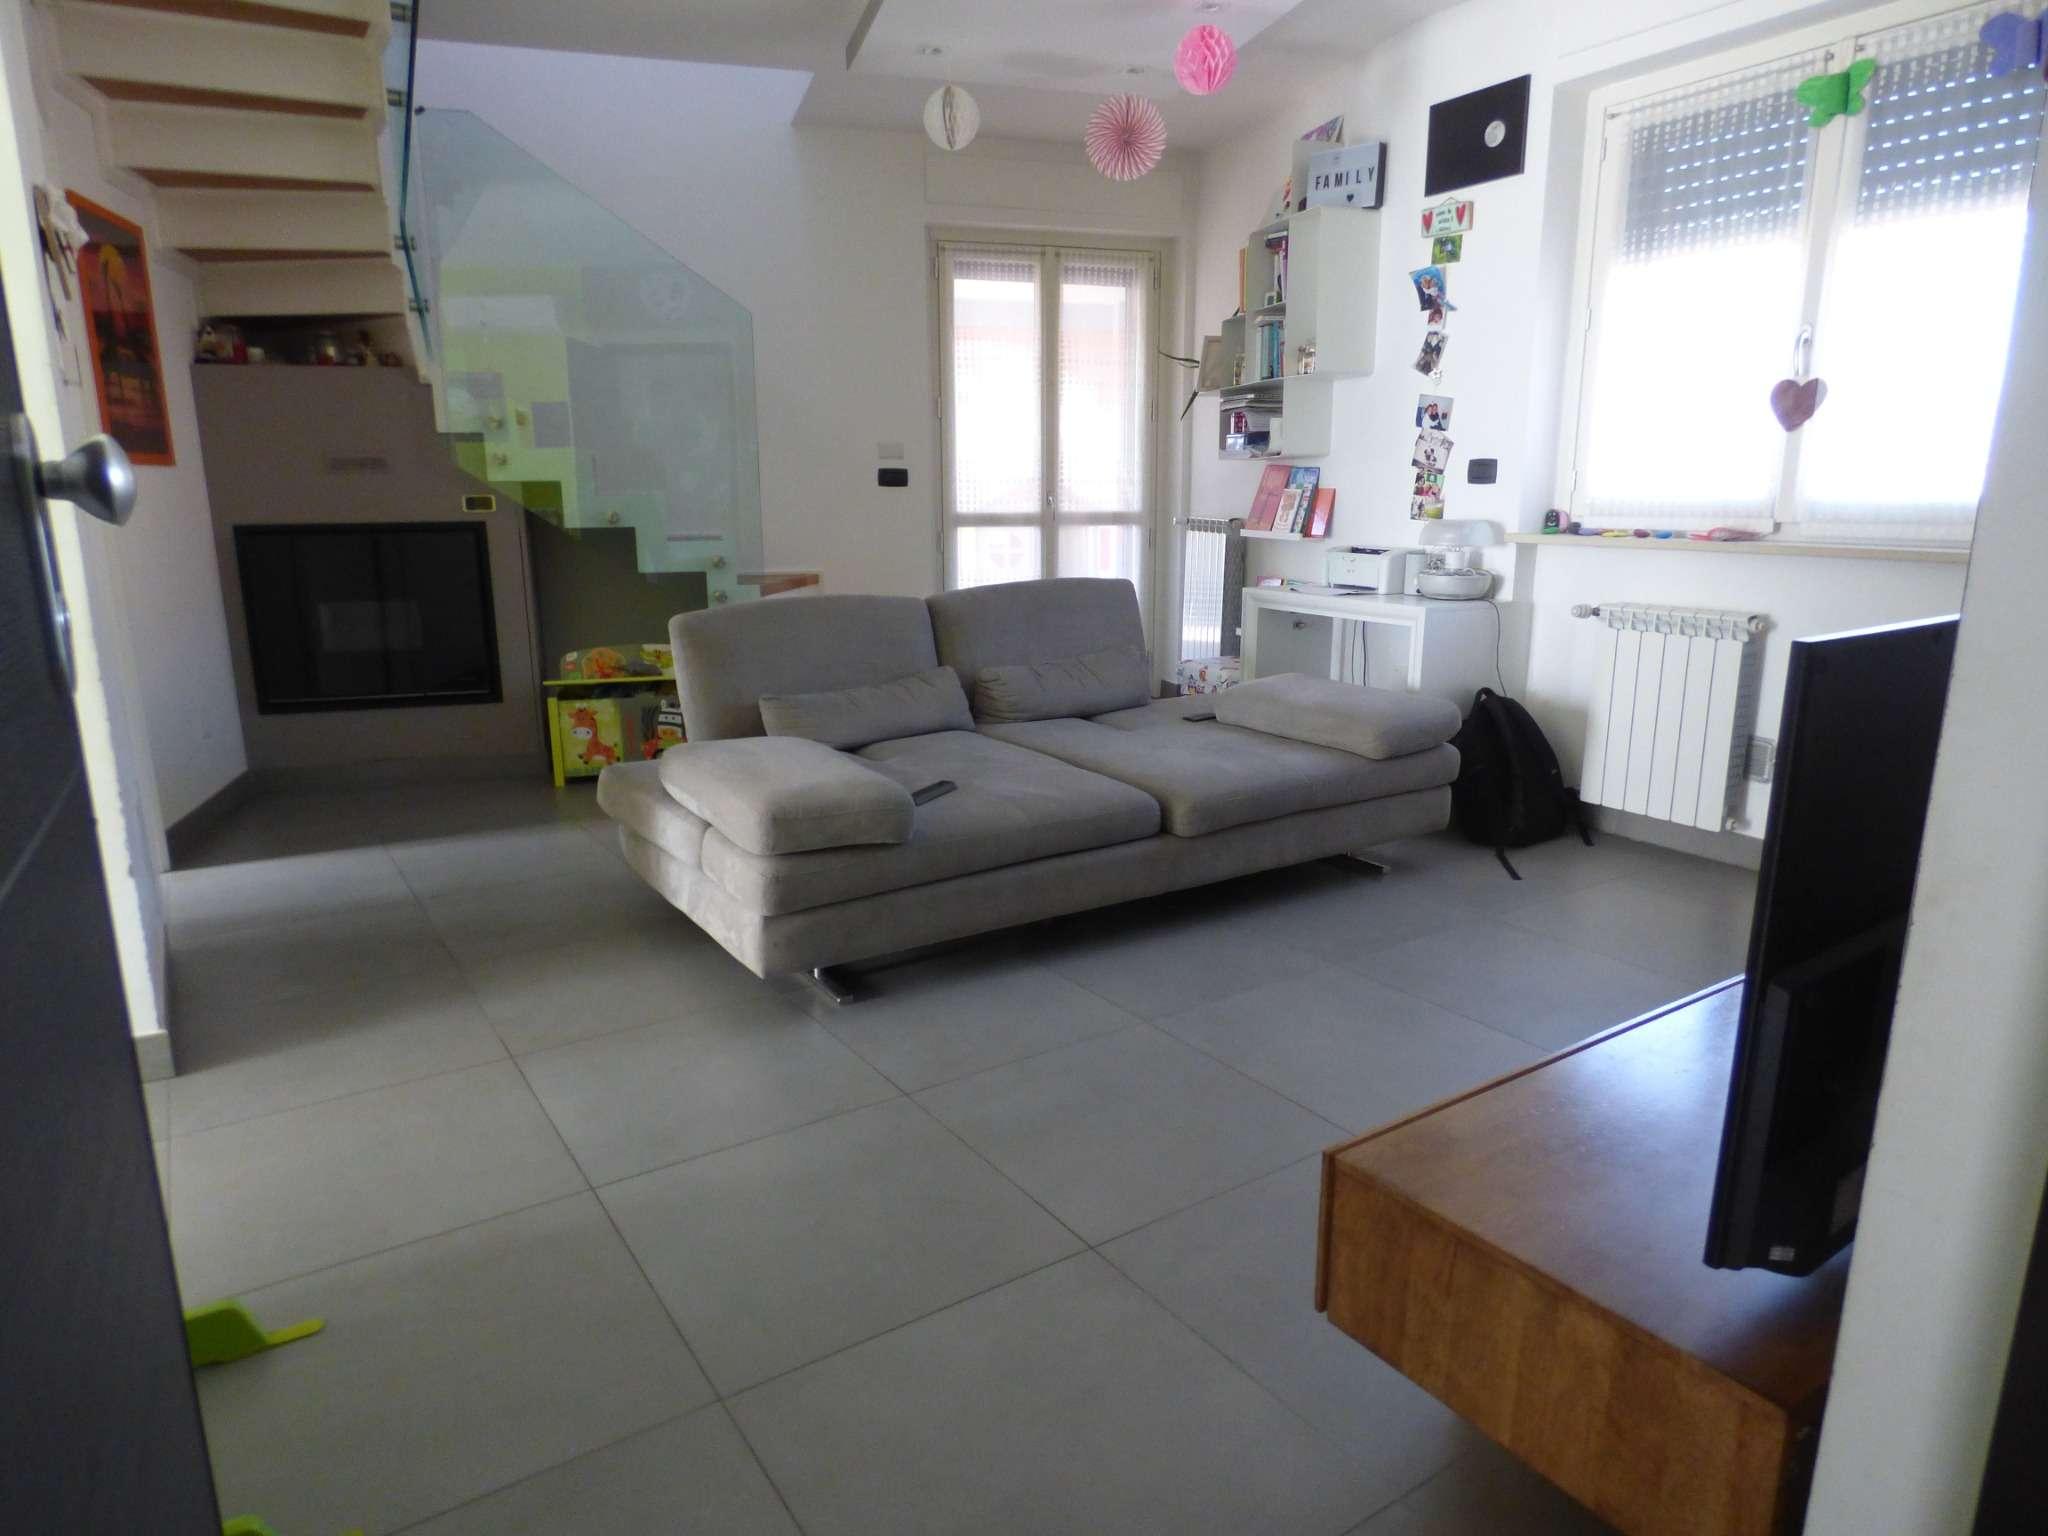 Attico / Mansarda in vendita a Leini, 4 locali, prezzo € 229.000 | PortaleAgenzieImmobiliari.it